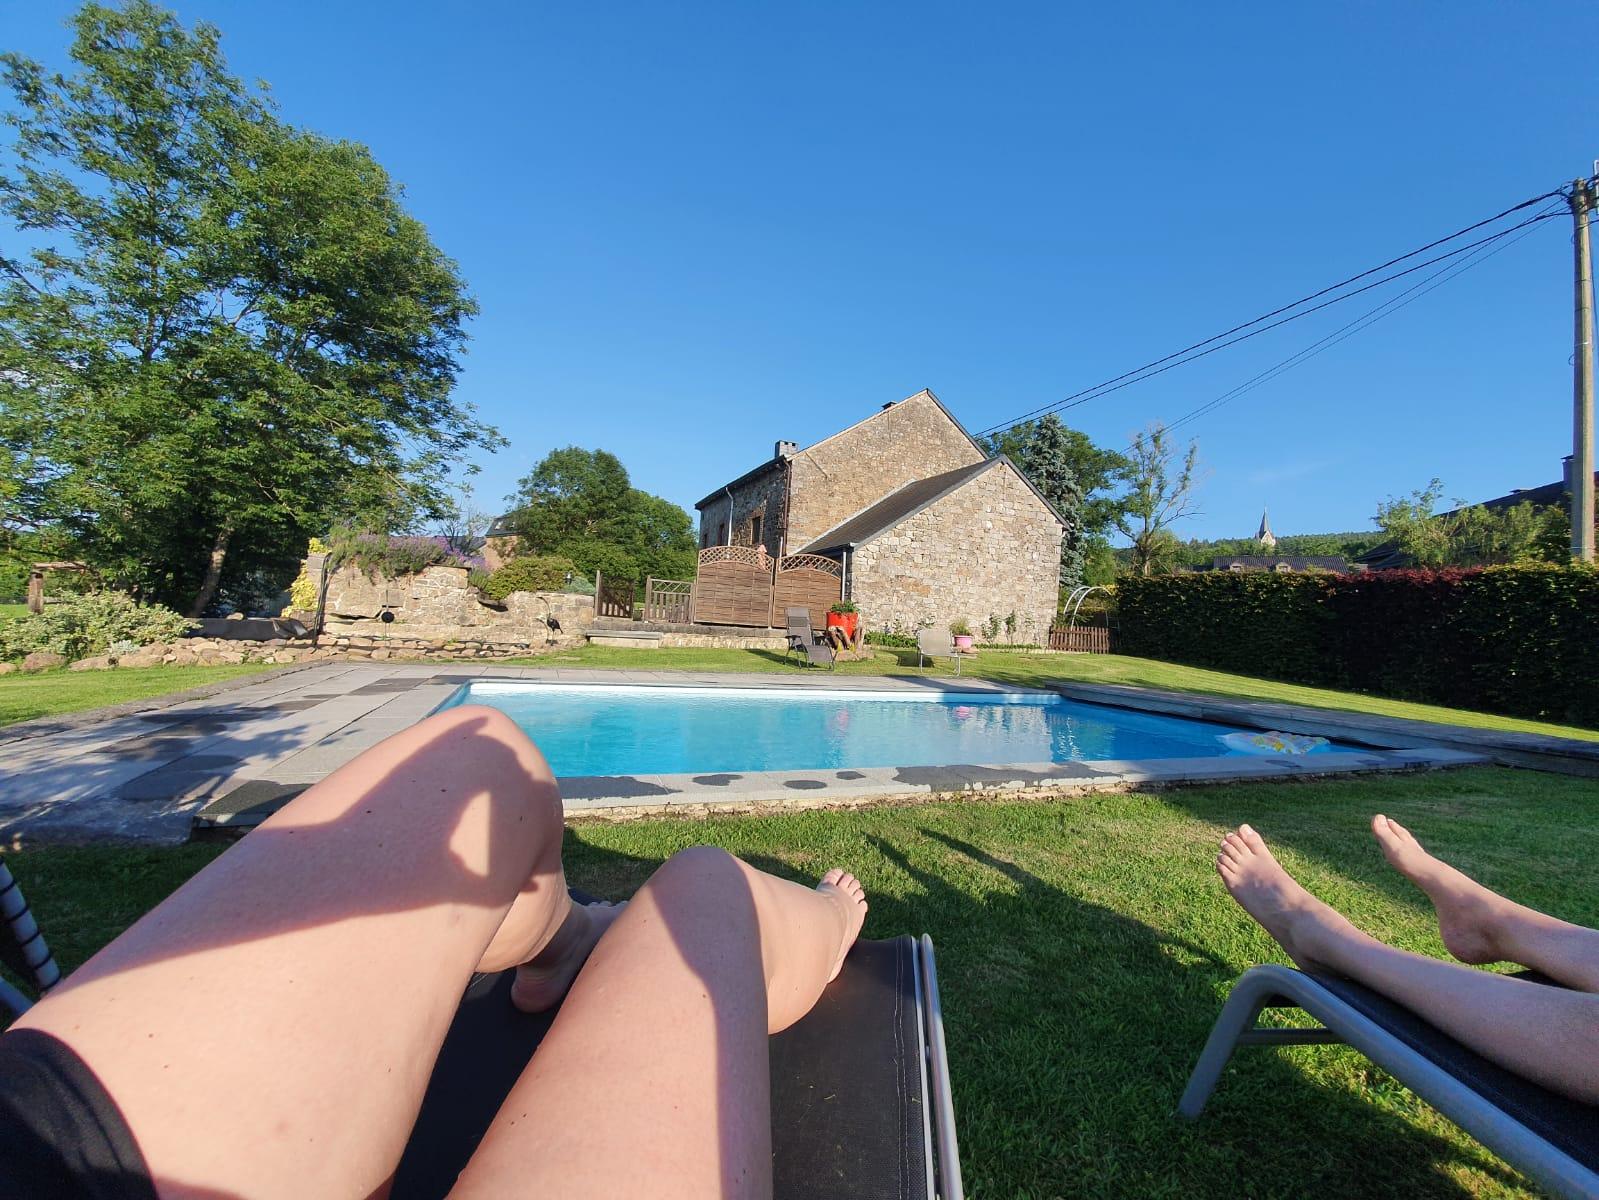 heerlijk prive genieten in het prive zwembad